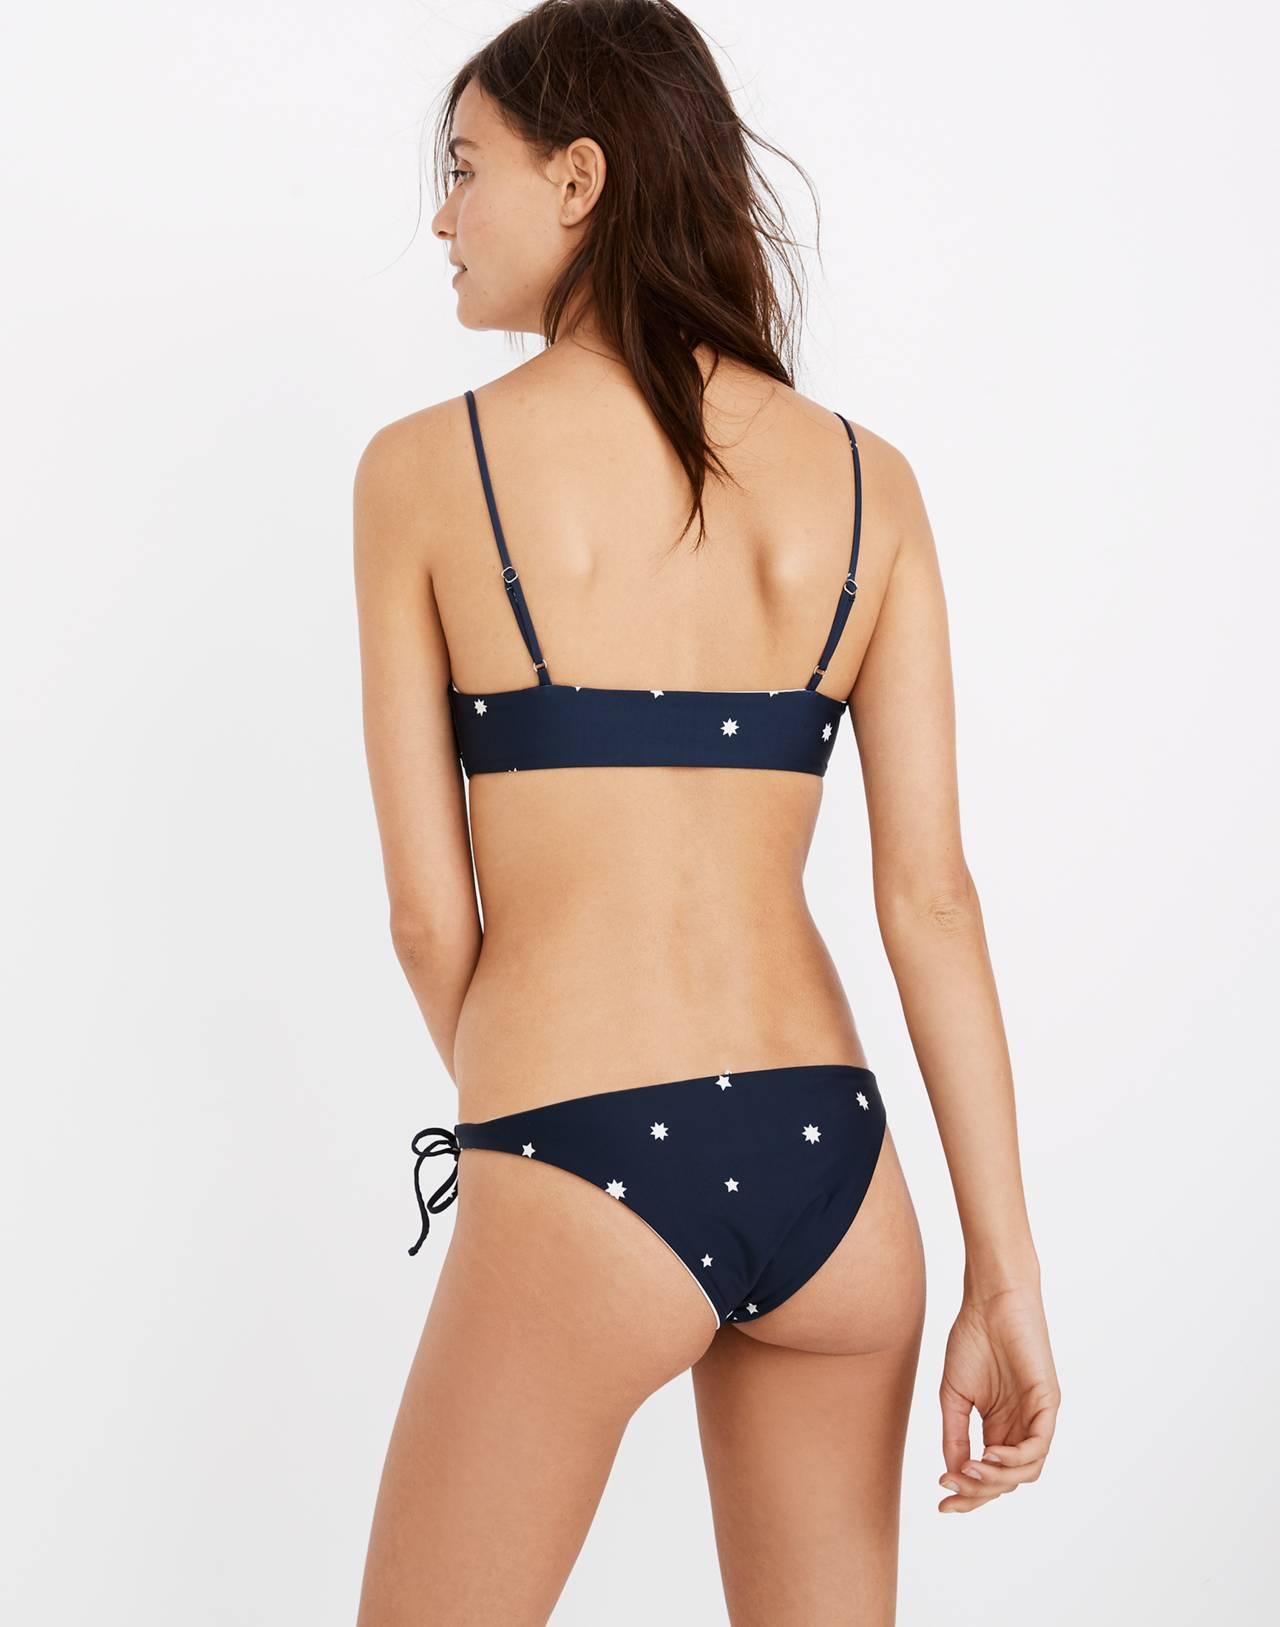 Madewell x Tavik® Ricci Bikini Bottom in Star Mix in holiday stars image 3